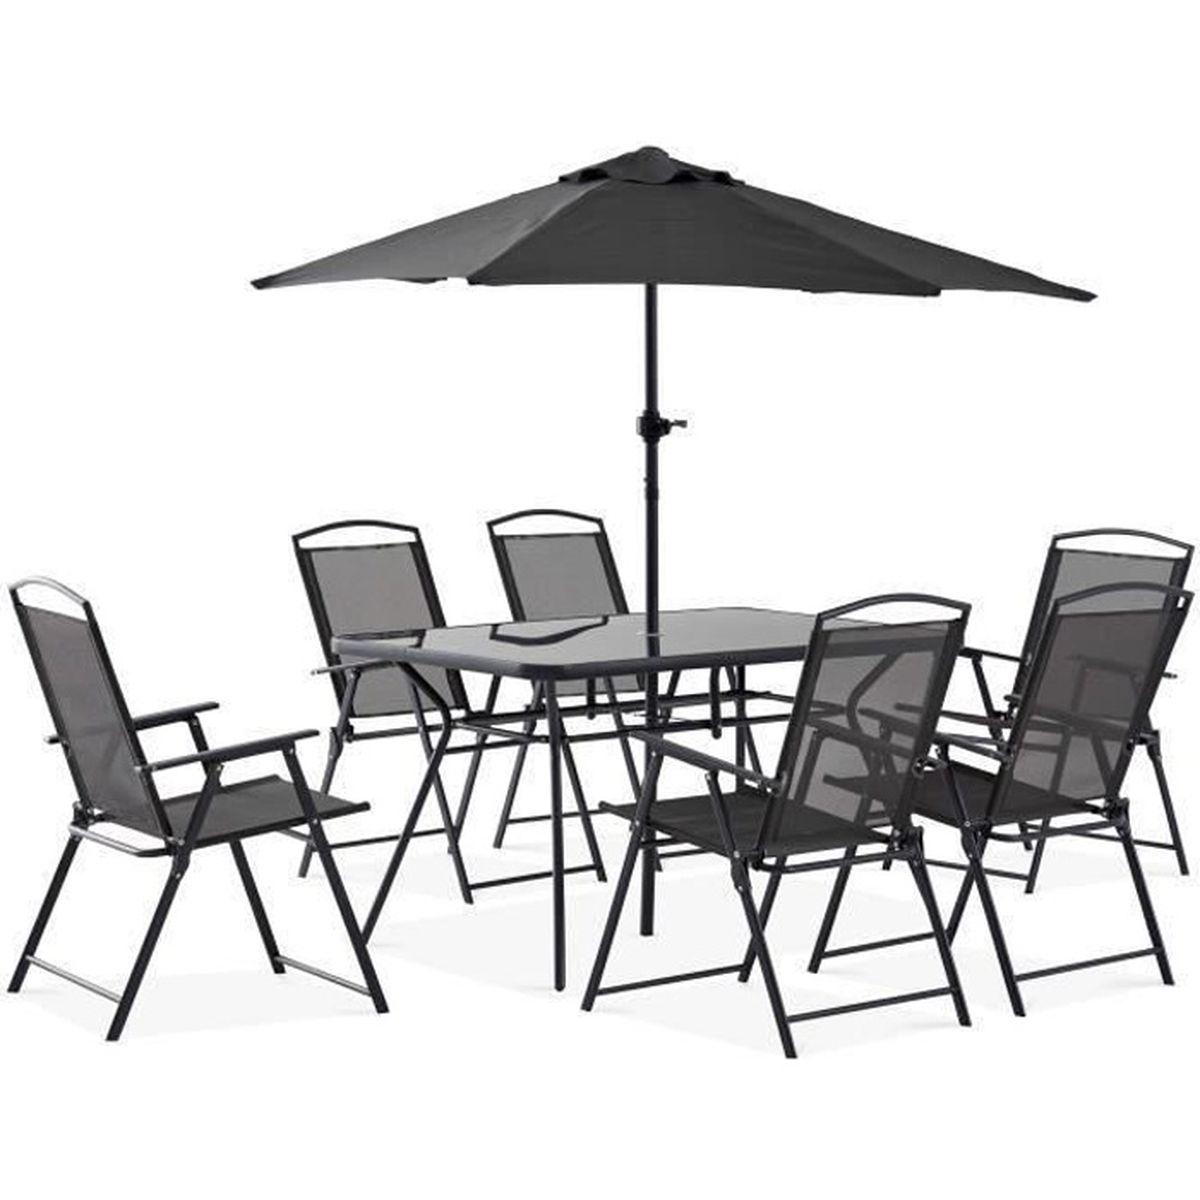 Table de jardin 6 places et parasol - ensemble complet salon ...